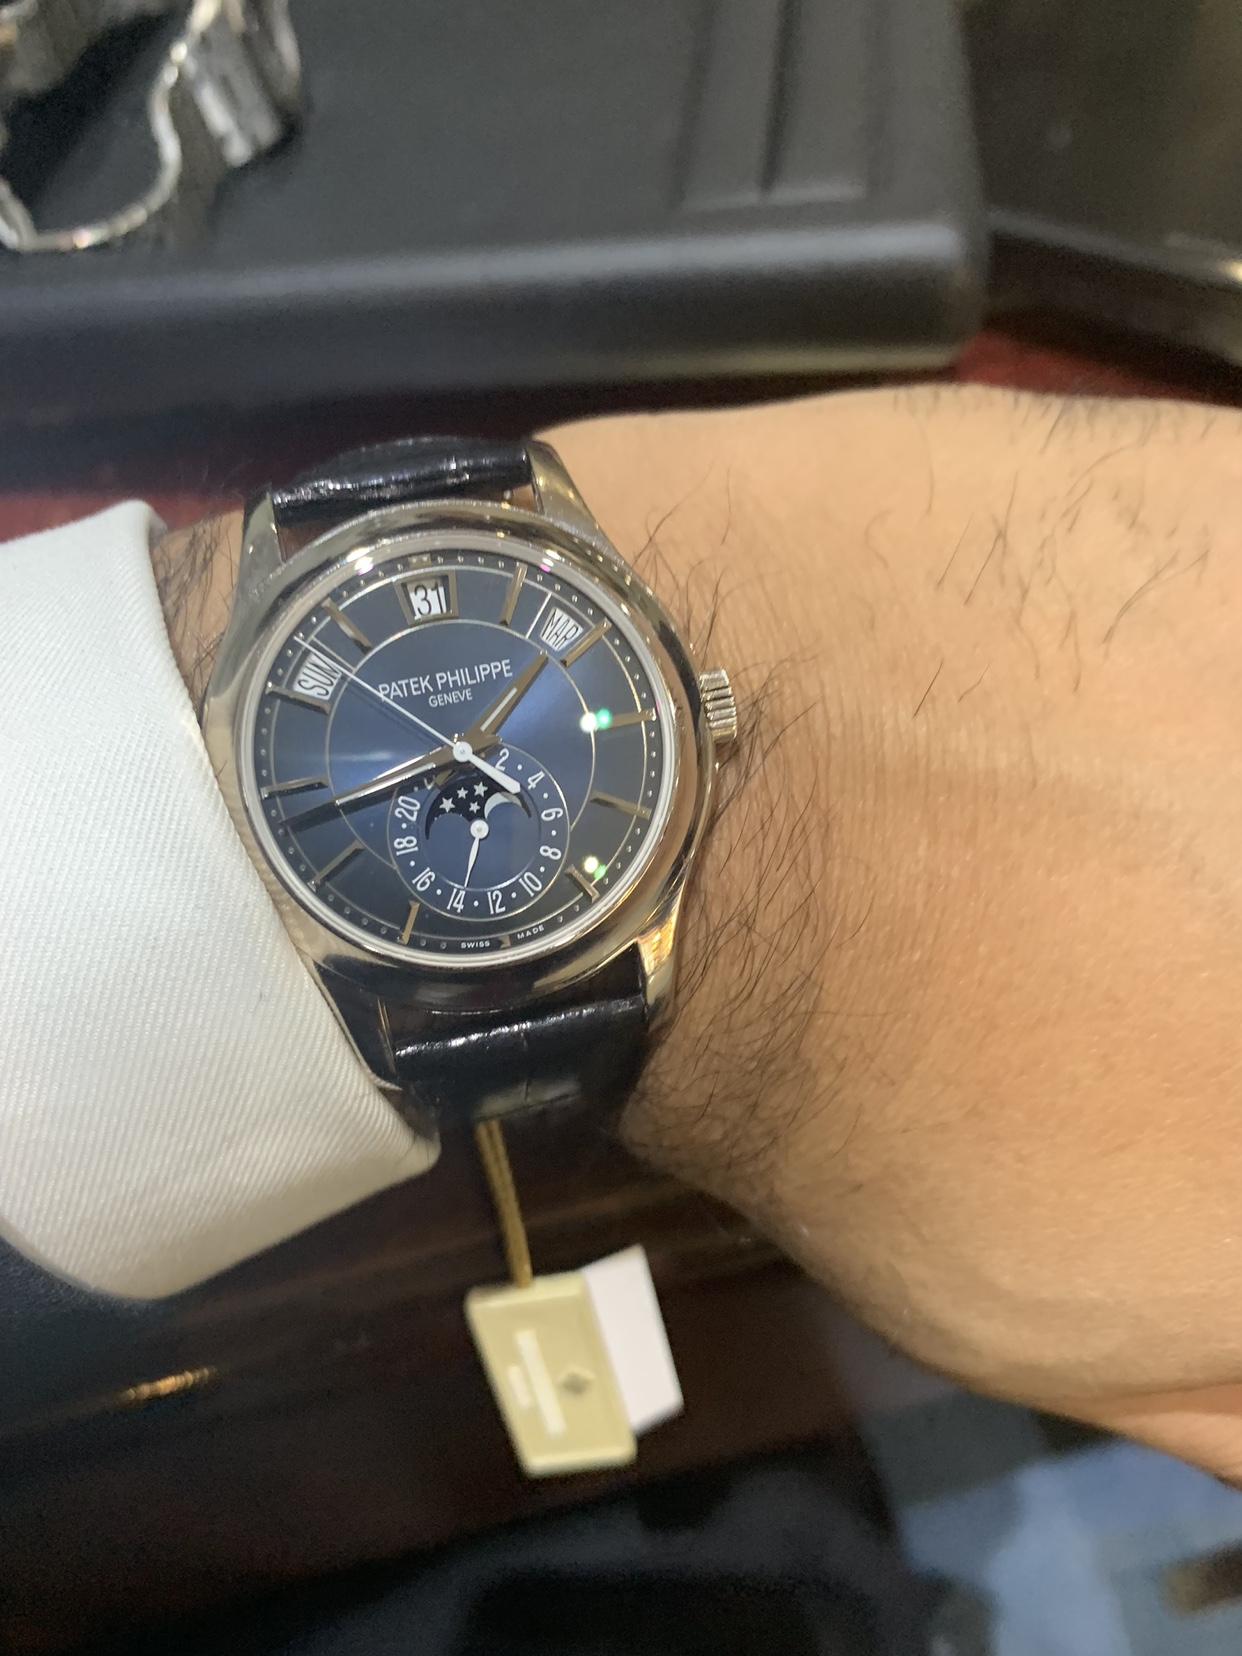 Ap15202 V Patek 5205g Blue Dial Rolex Forums Rolex Watch Forum